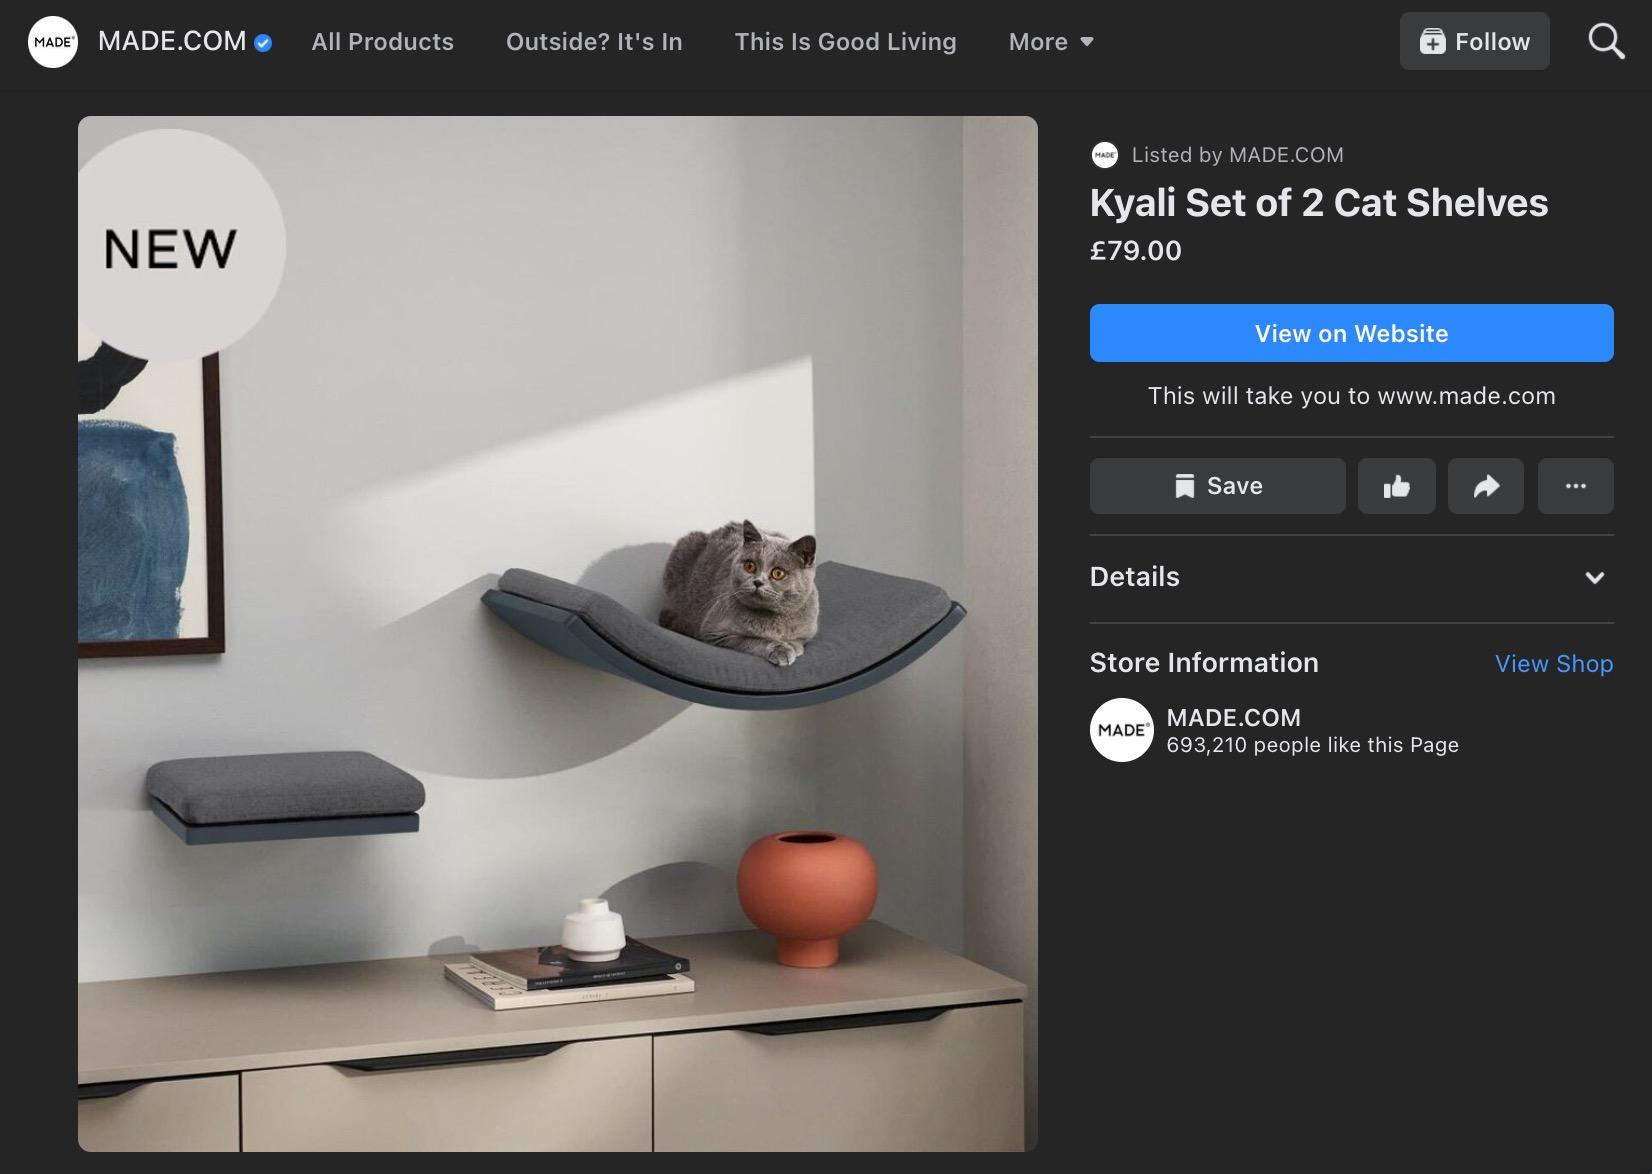 Made.com Facebook Shop product listing for cat shelves